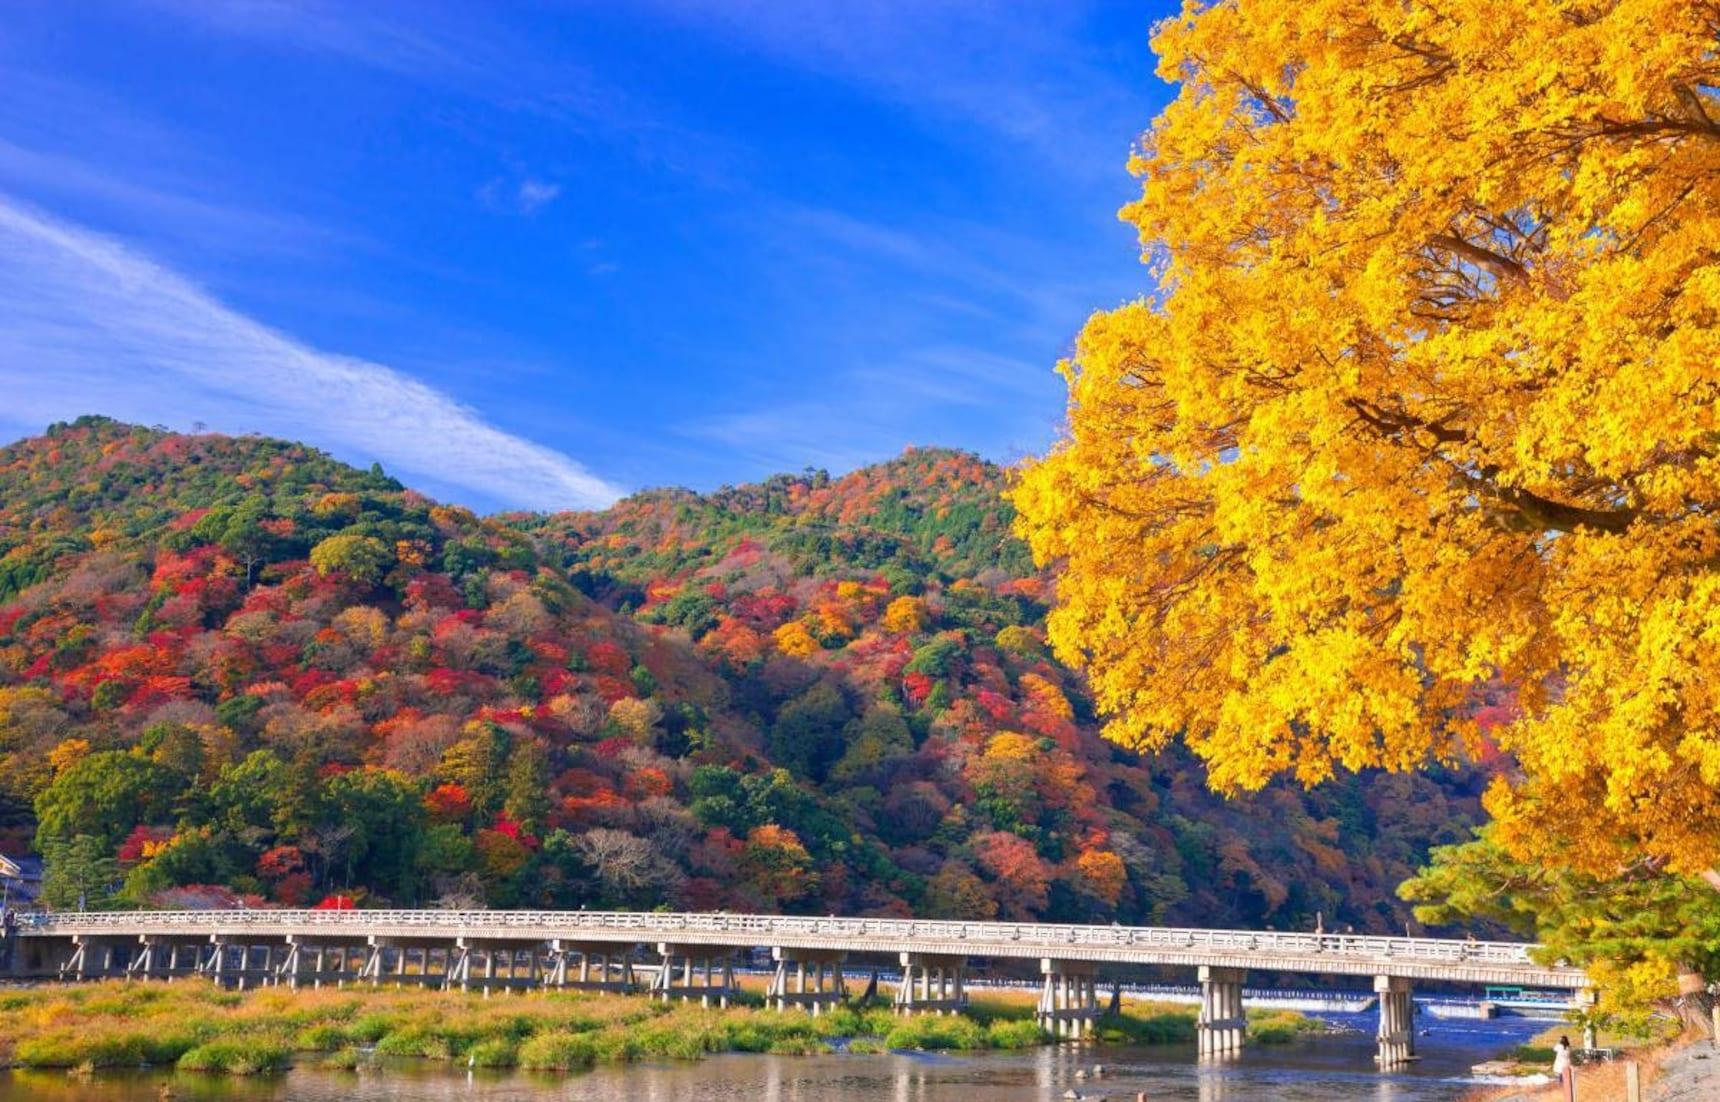 고풍스러운 교토에서 맞이하는 가을 풍경